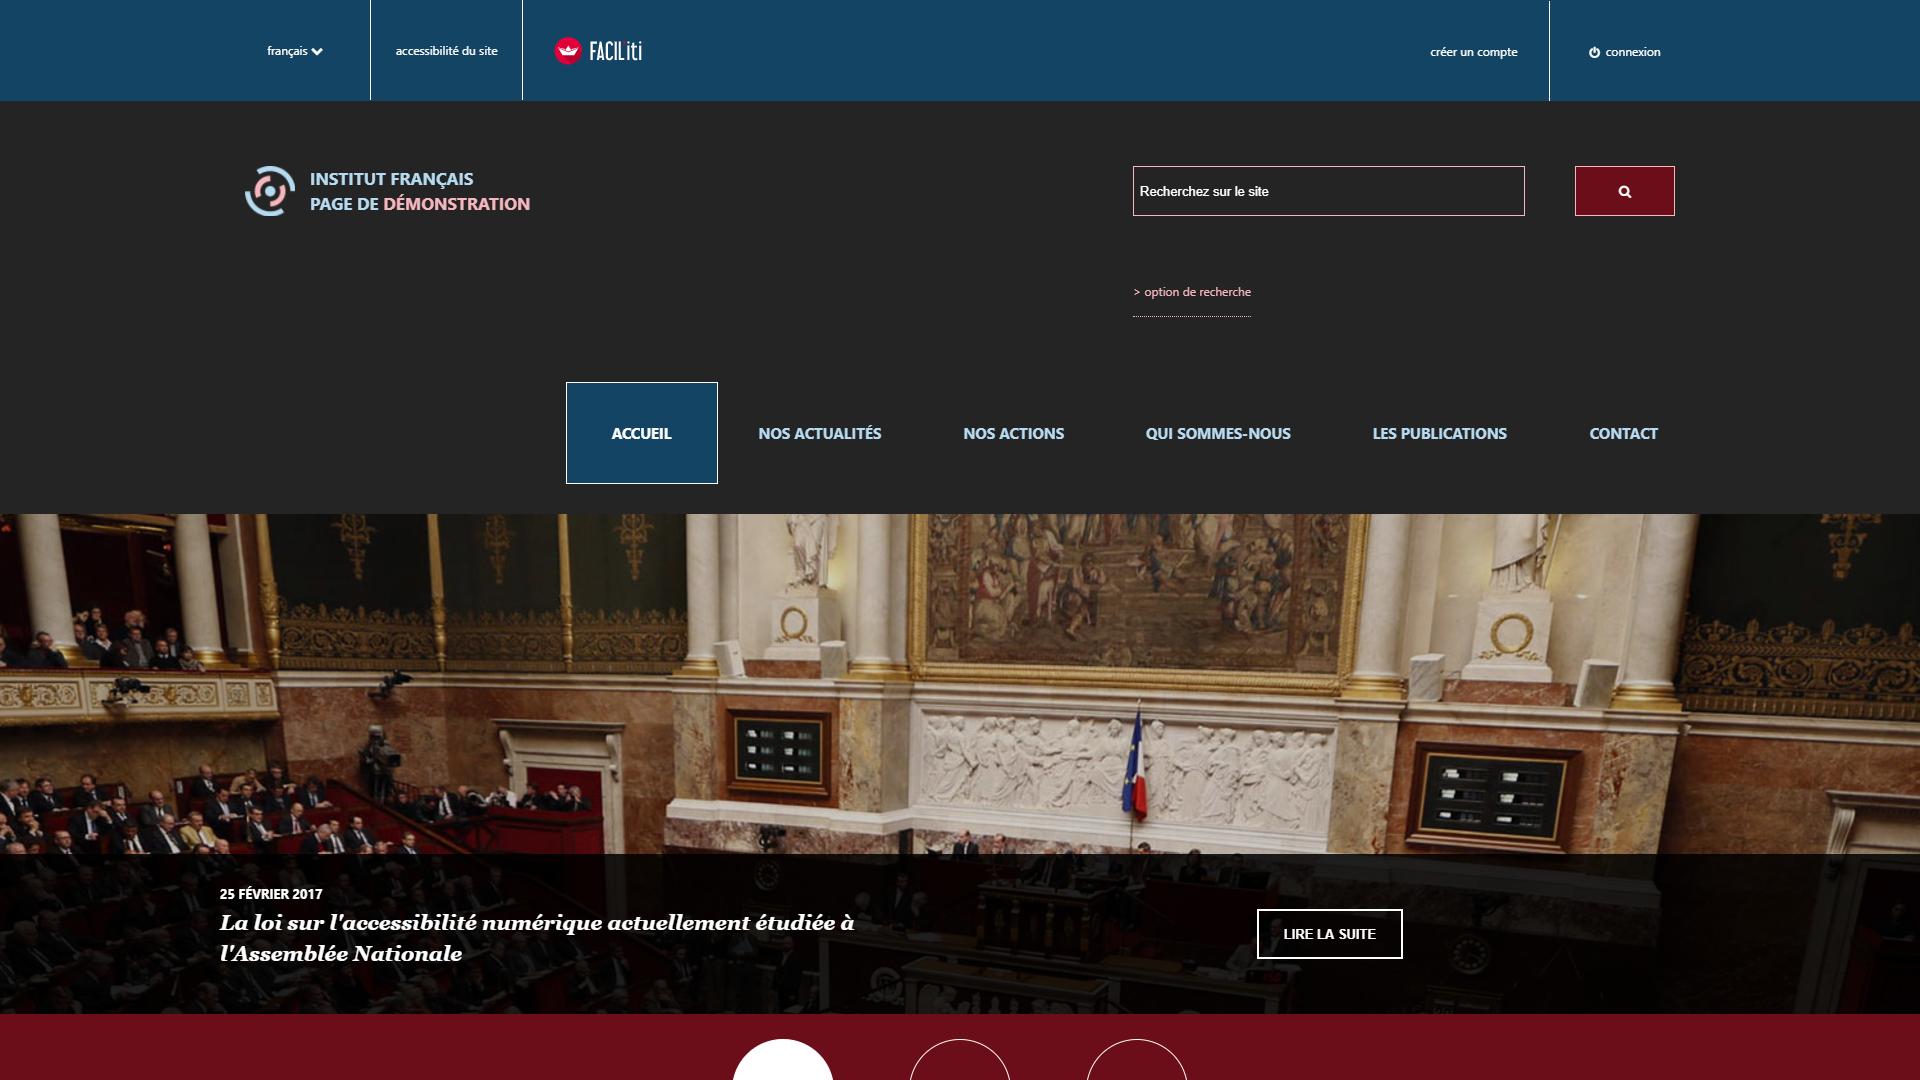 Une page d'accueil d'un site de démonstration avec FACIL'iti activé pour la pathologie maladie de Wilson